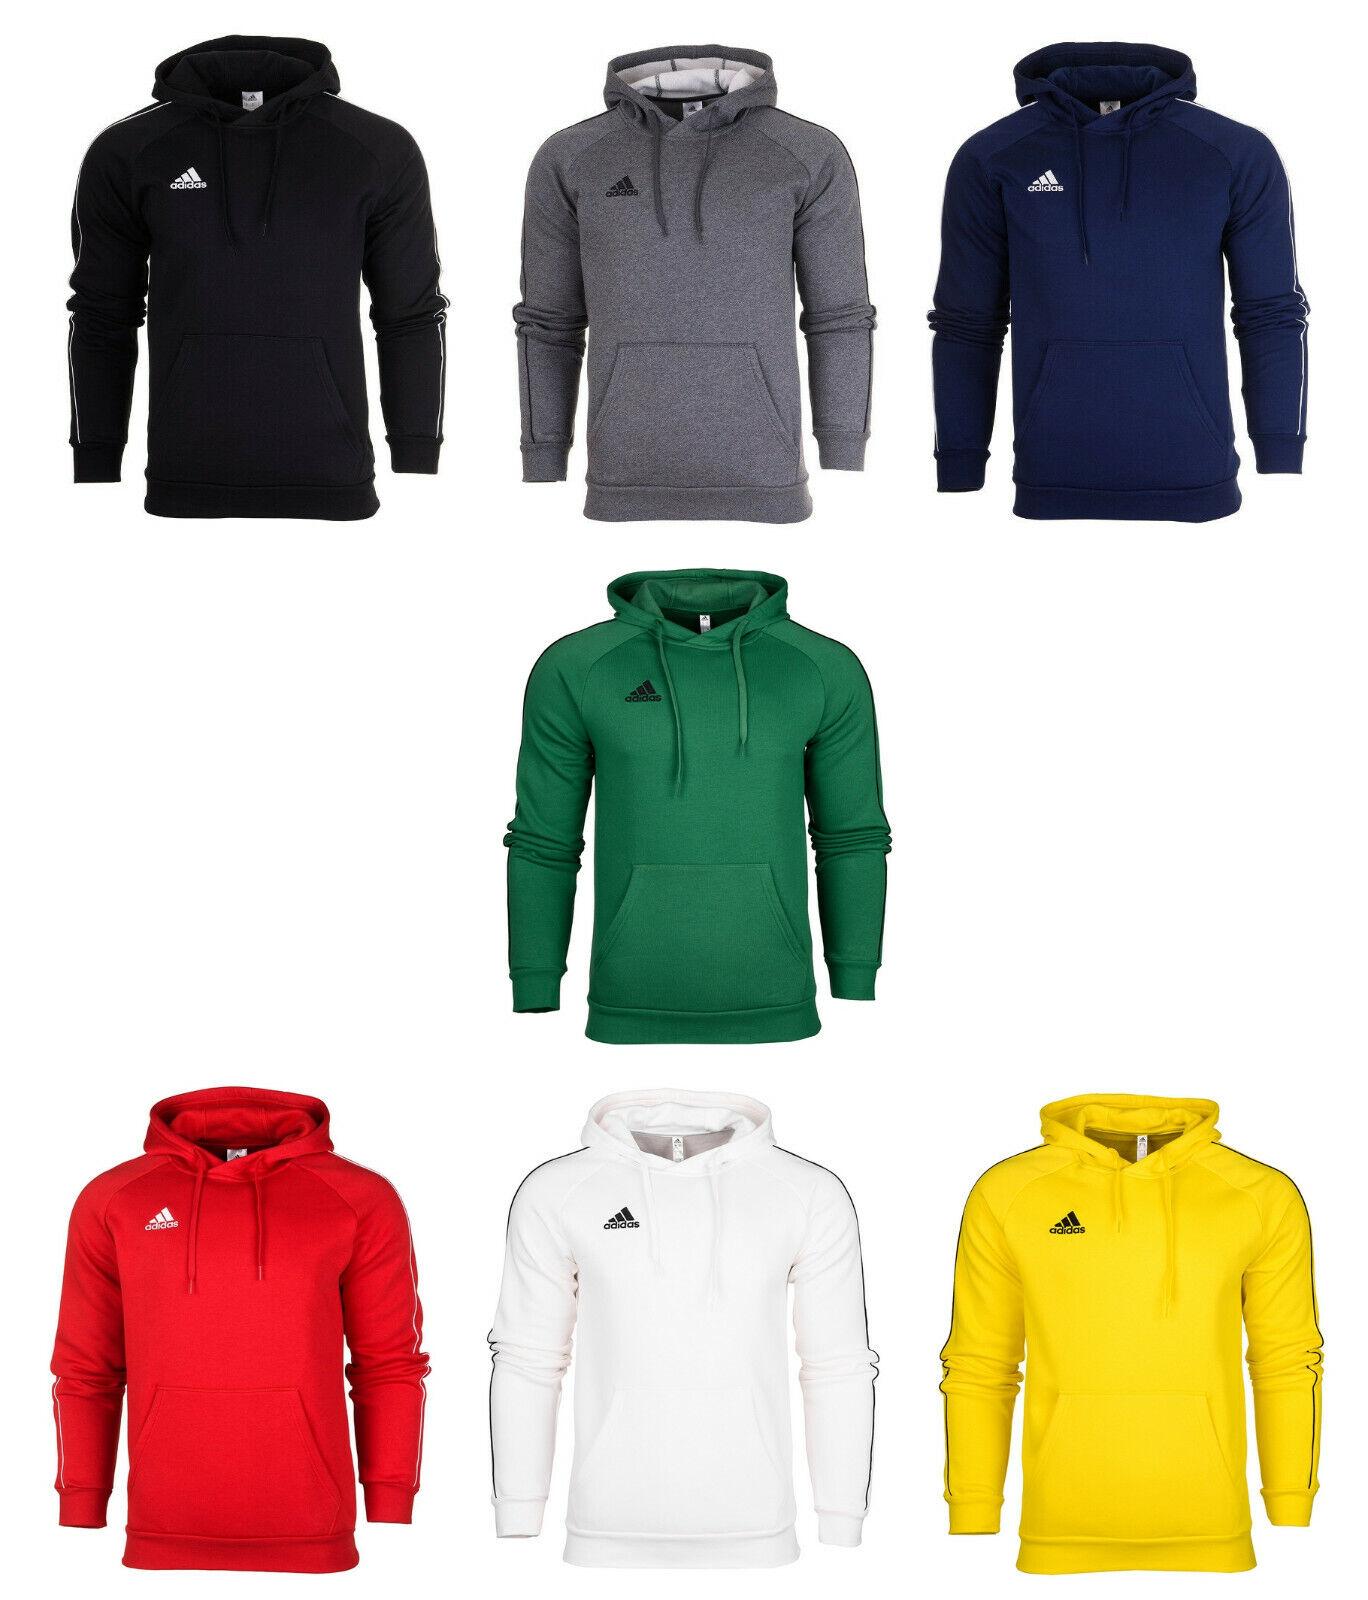 Adidas Core 18 Herren Kapuzenpullover Fleece Sweatshirt